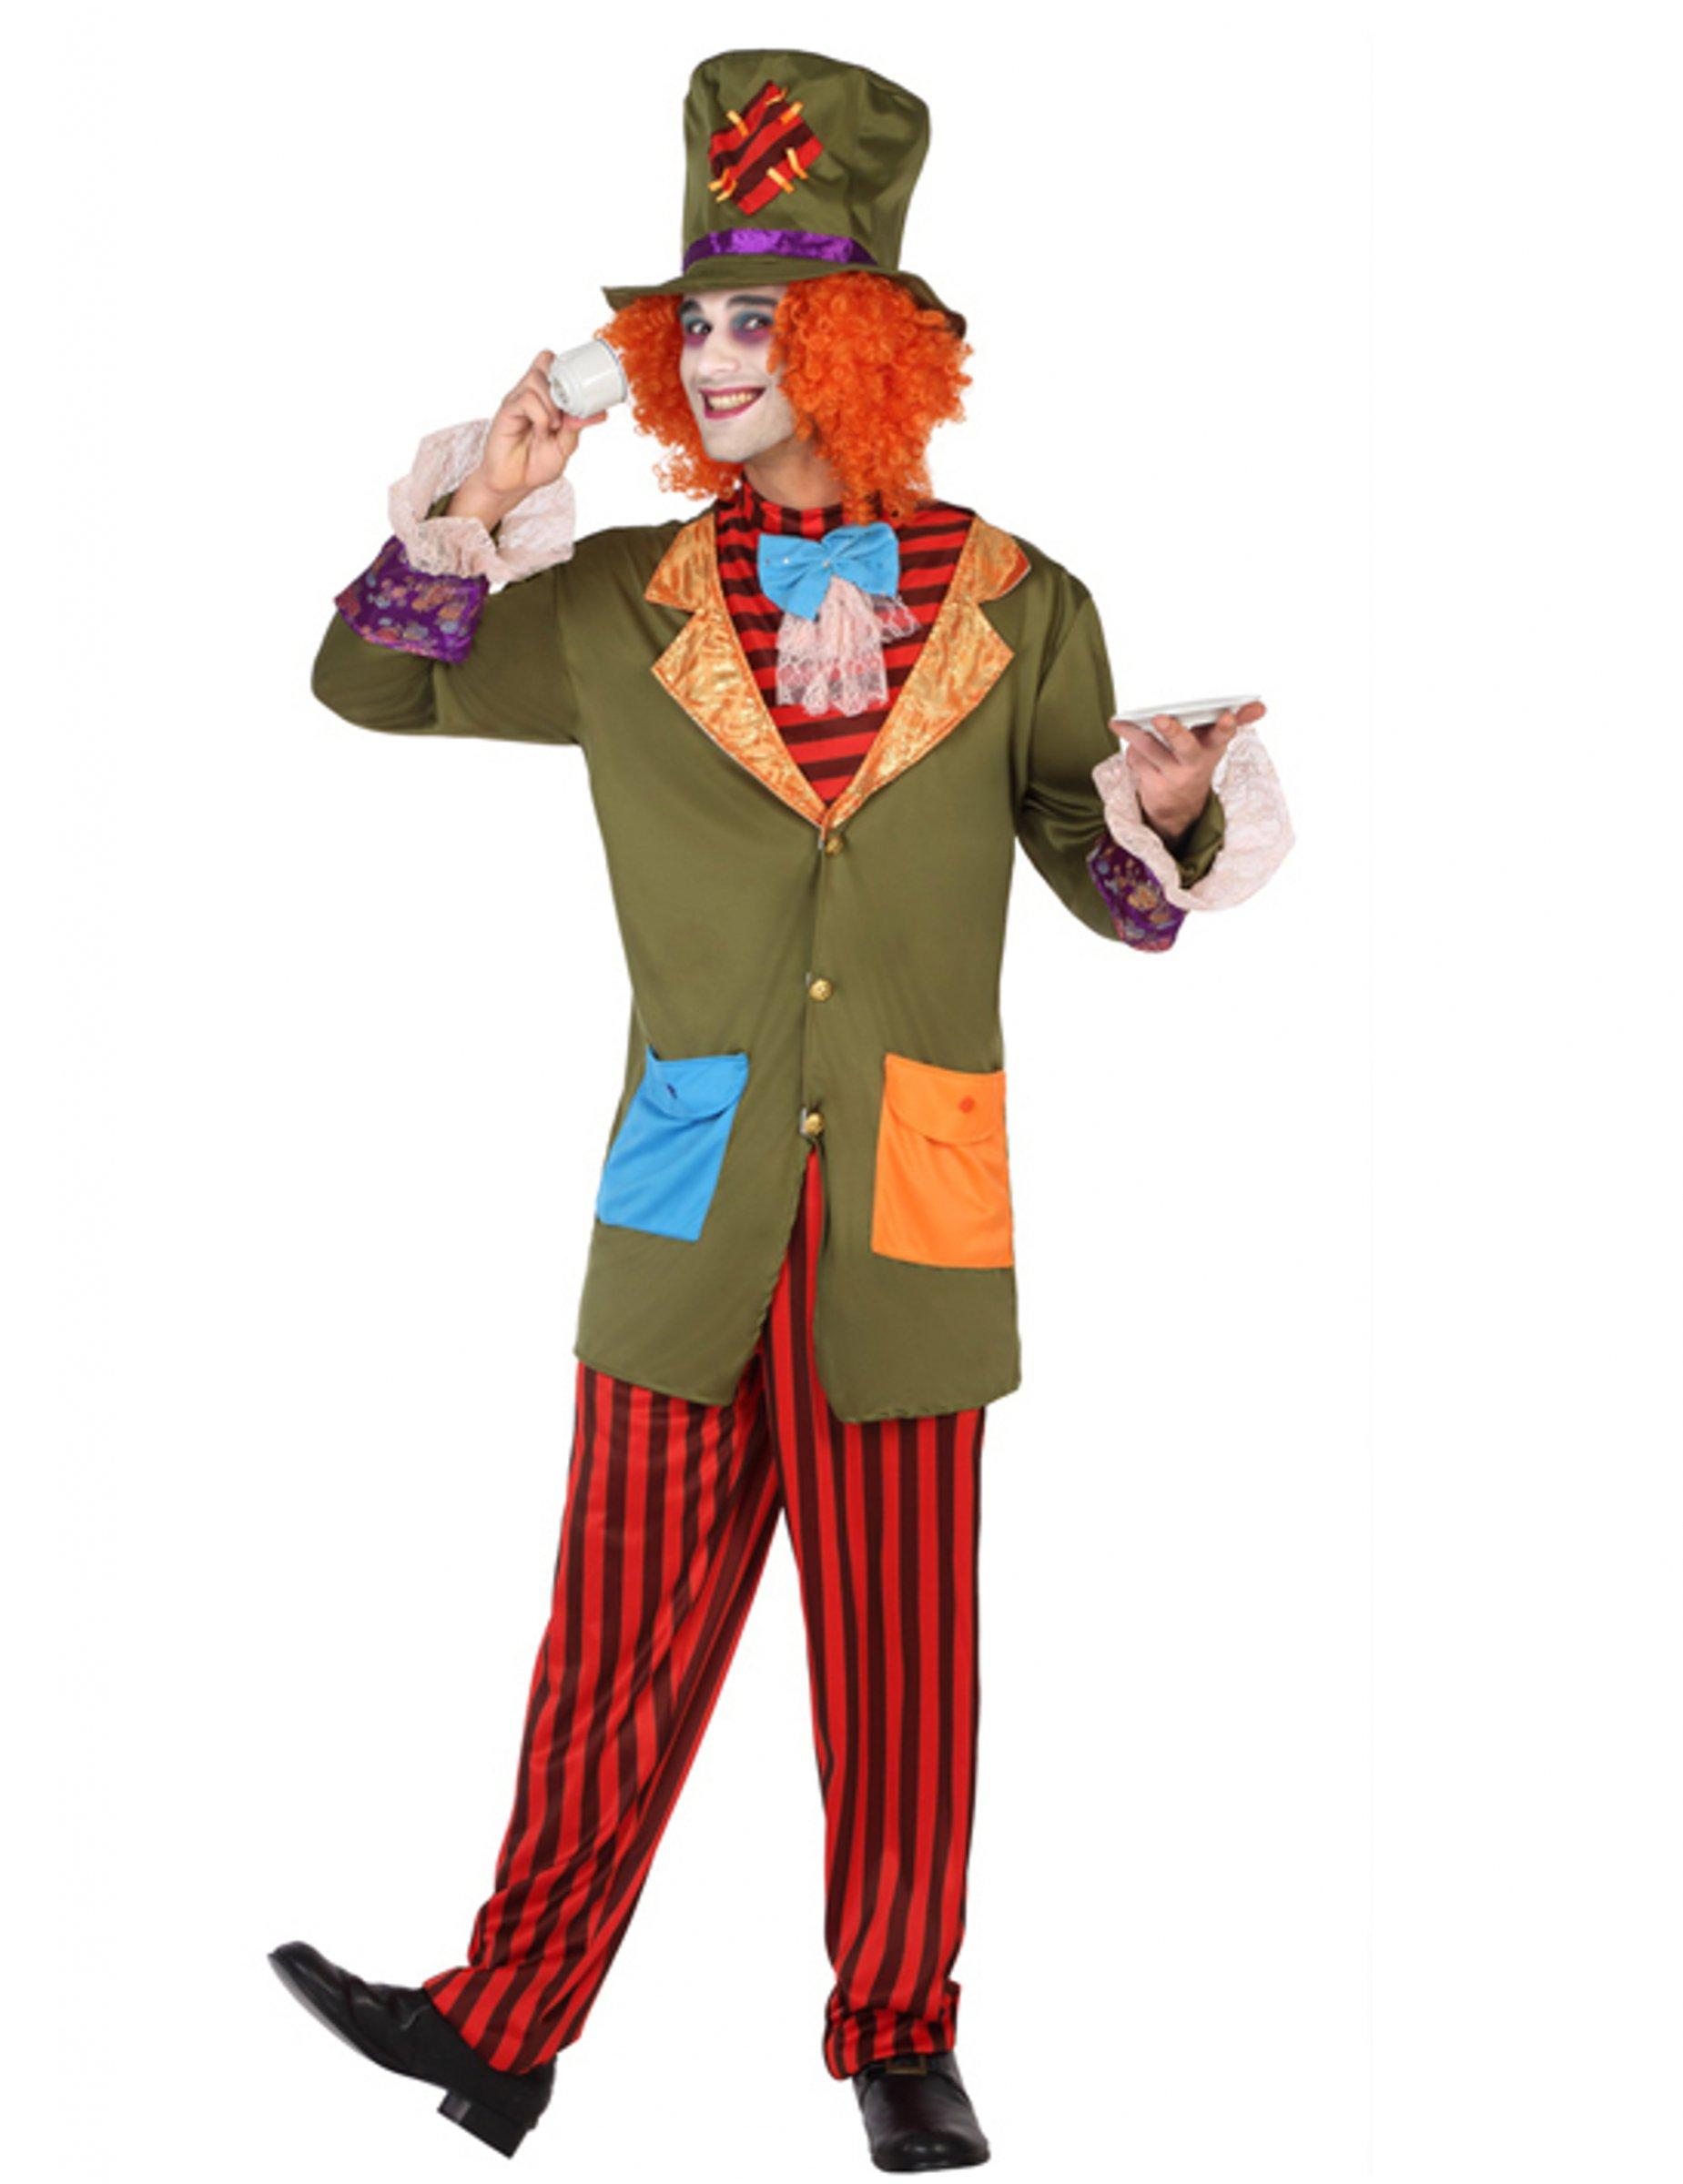 De y Adultos Disfraz A Hombre Sombrerero Disfraces Rayas 7axAqpdw